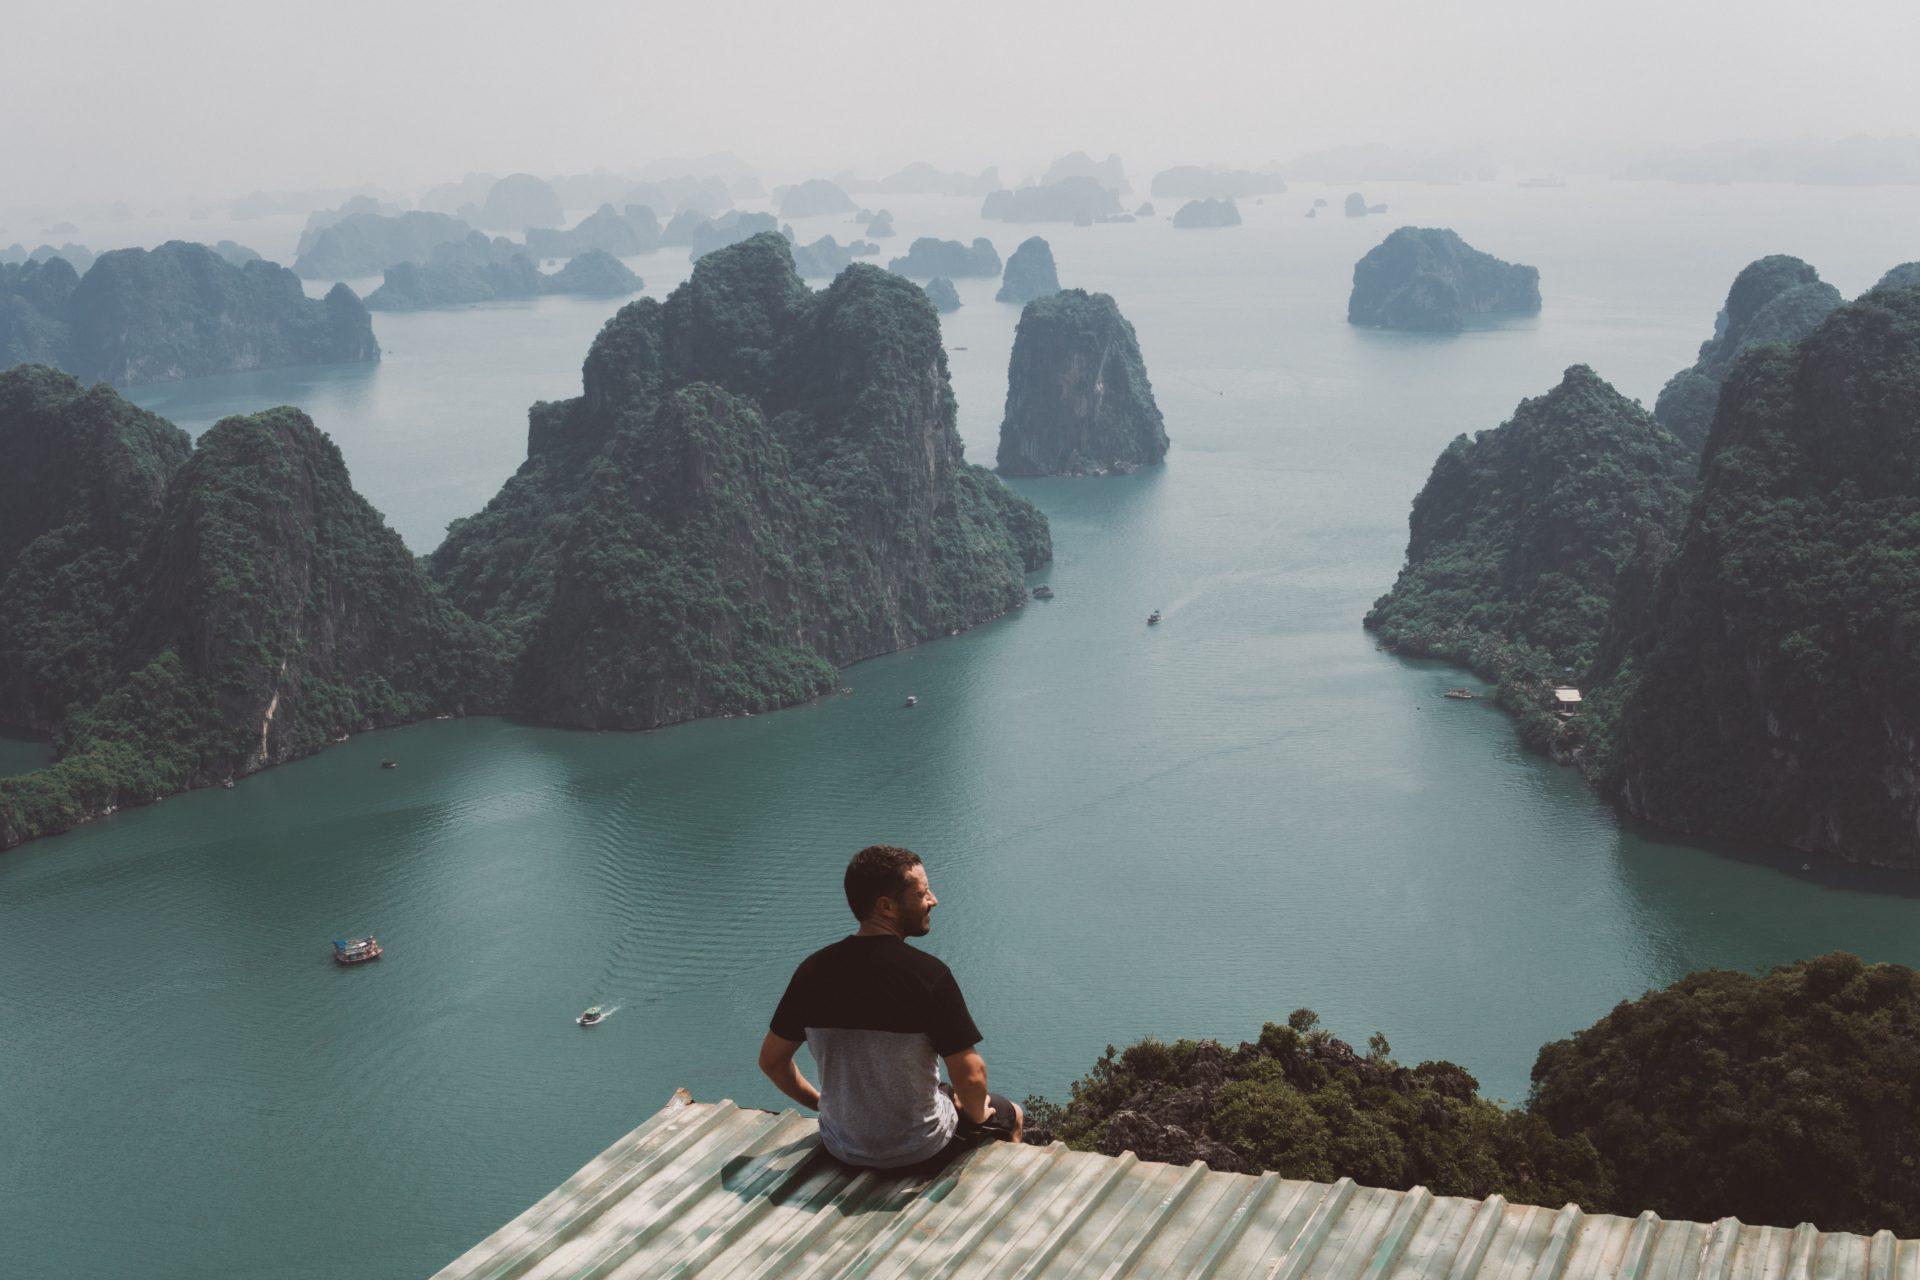 Cómo ir a Bai Tho Mountain en la Bahía de Halong » Sinohasviajado